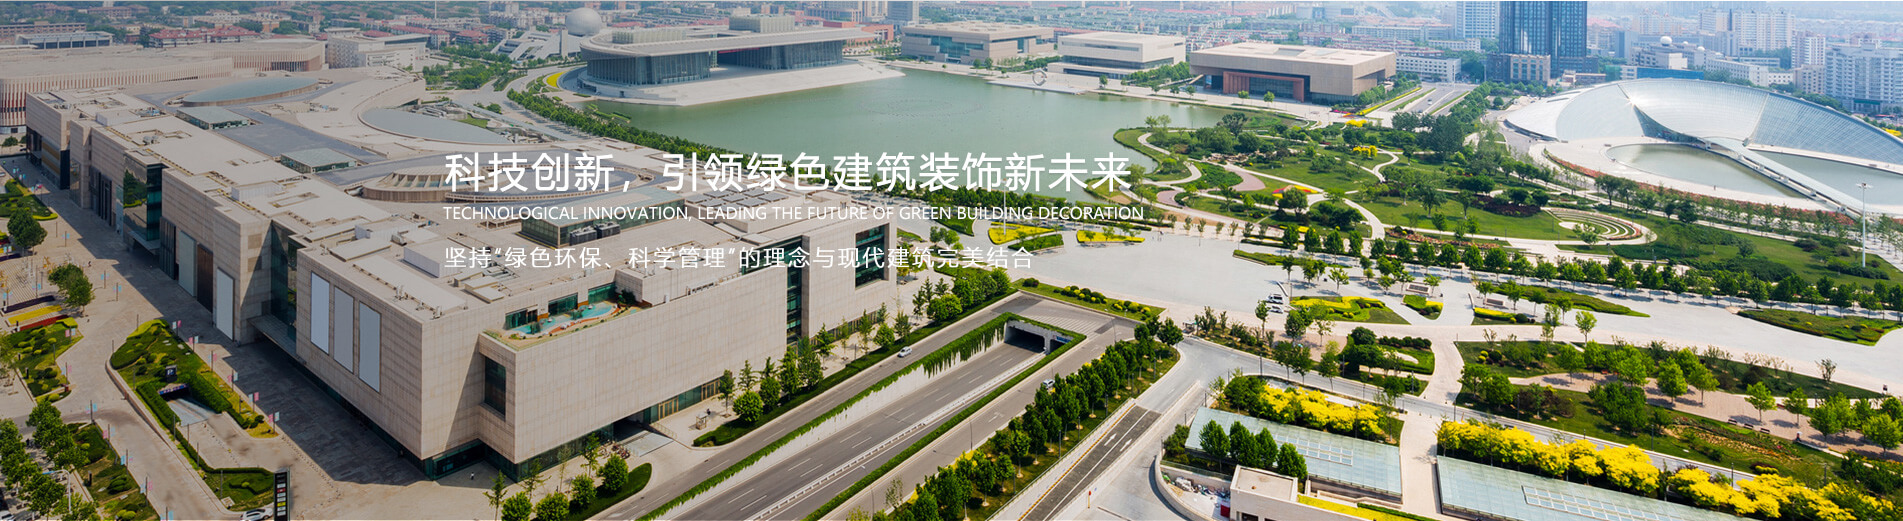 科技创新,引领绿色建筑装饰新未来